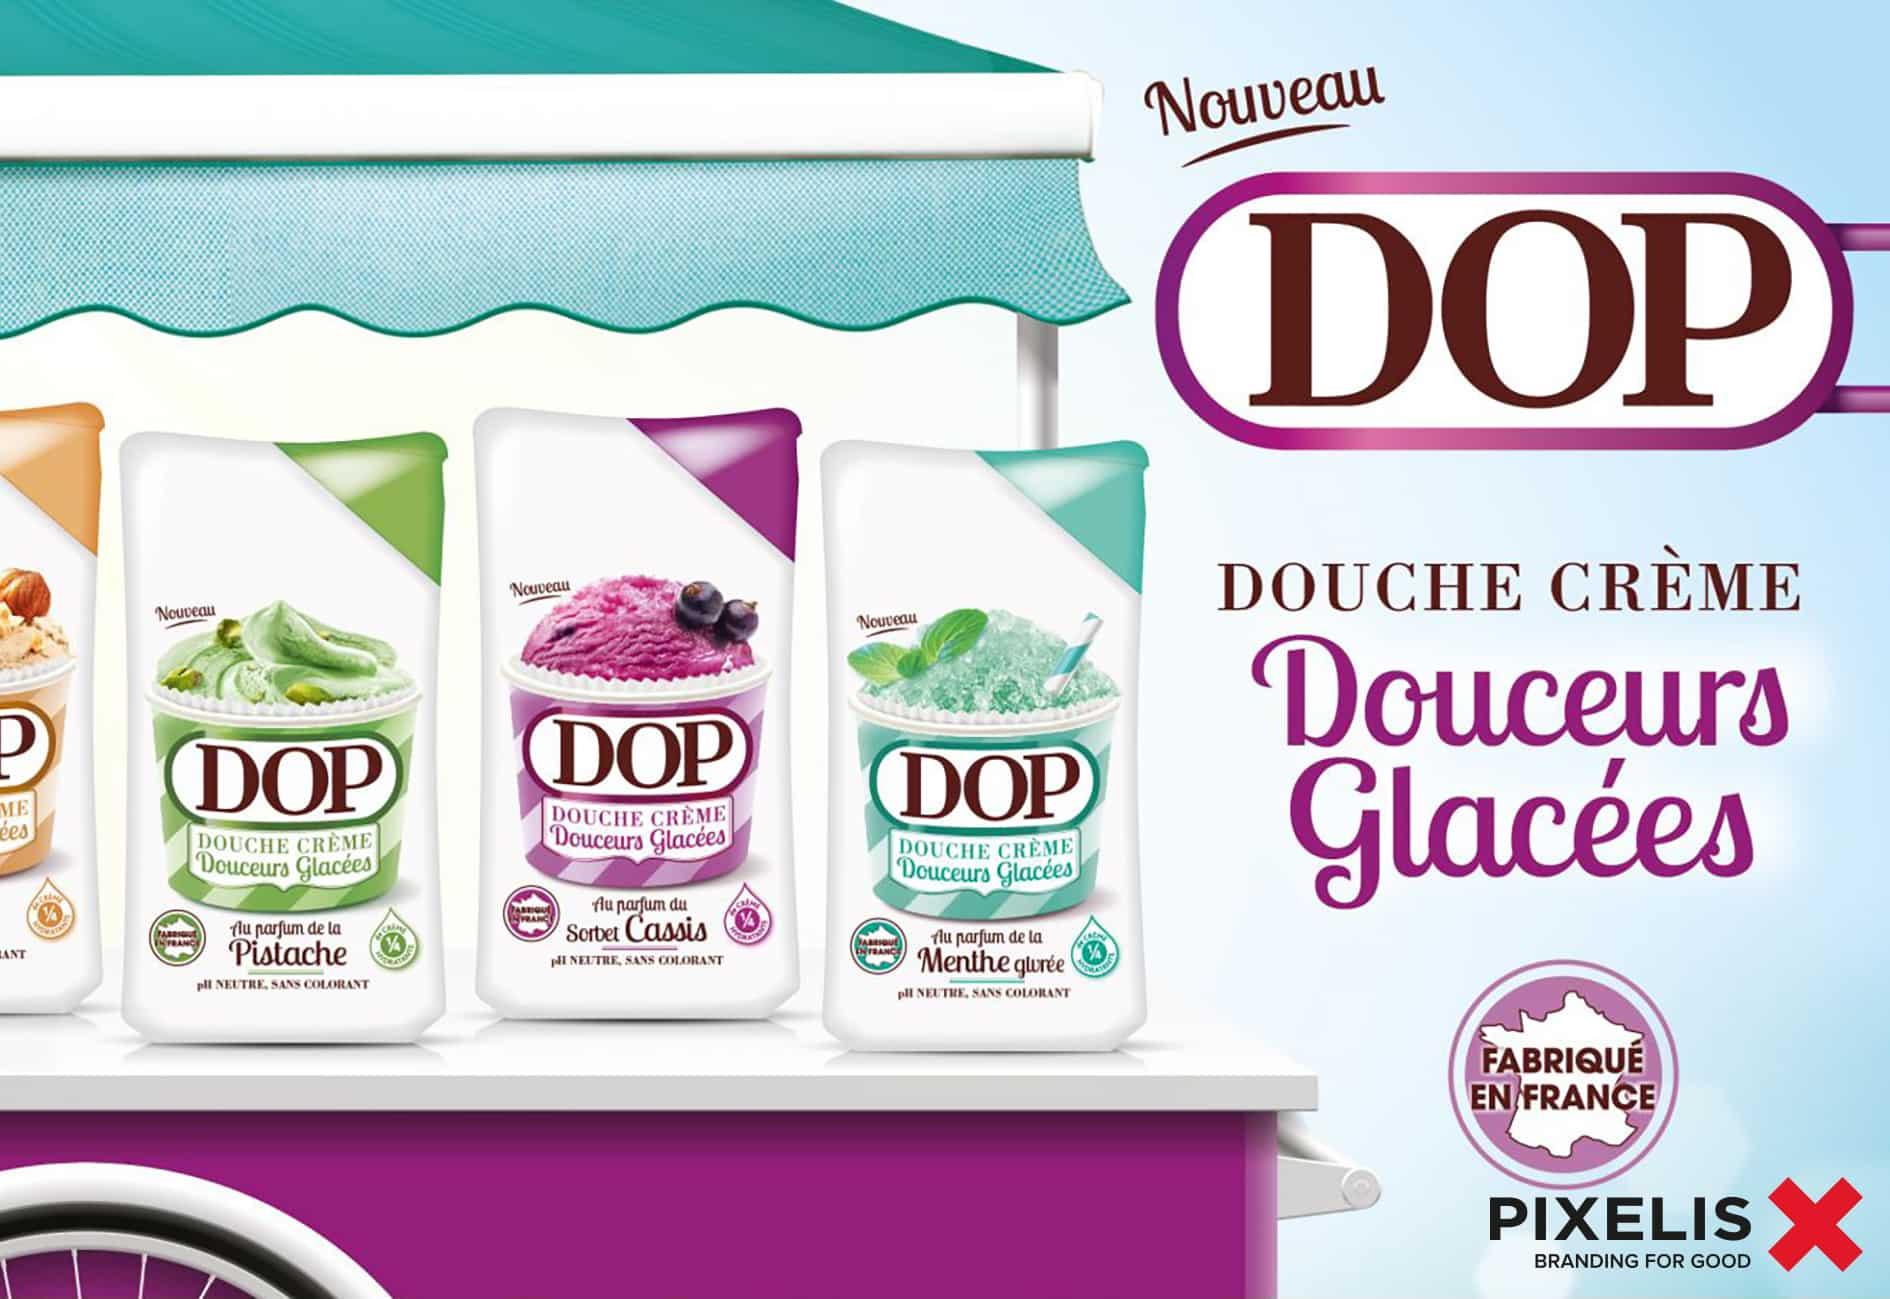 Dop Douceurs Glacées